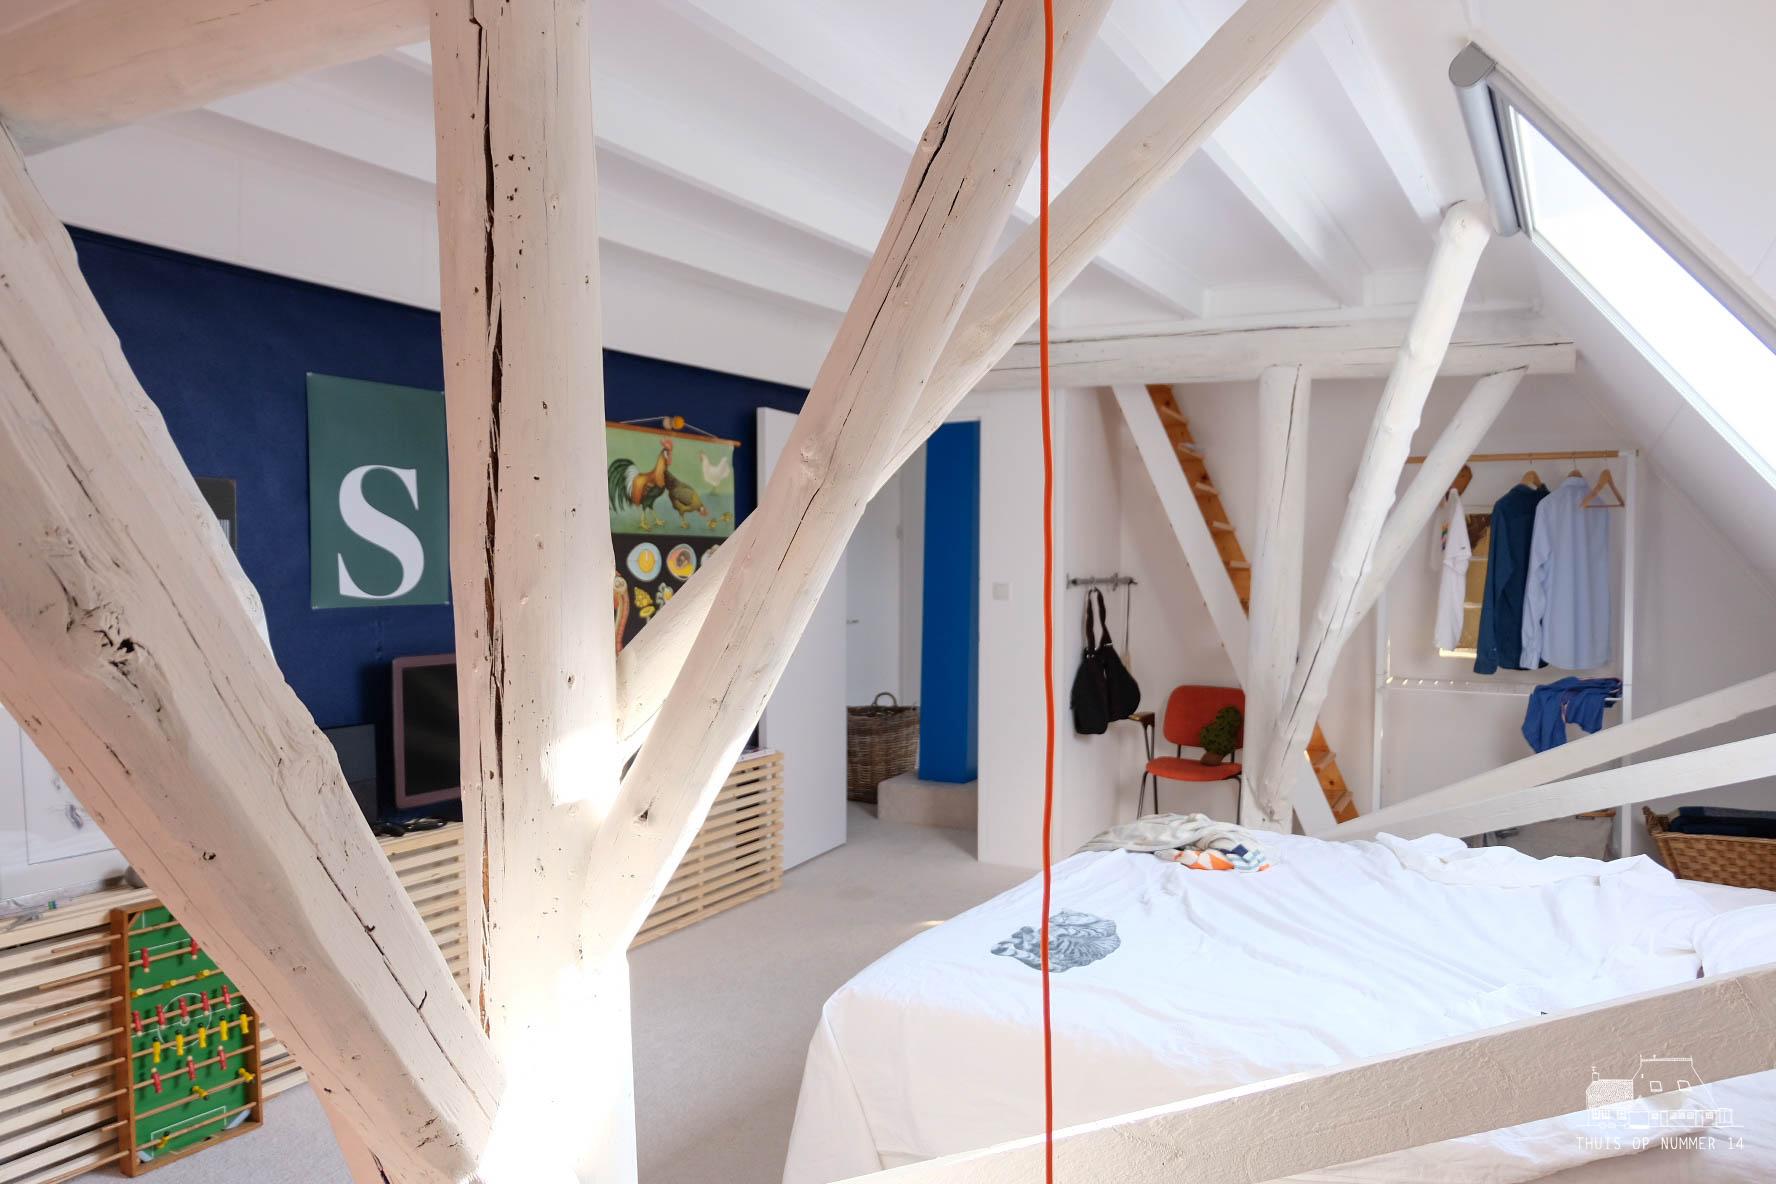 blauwe wand #lushindigo, witgeschilderde balken en het nieuwe bed